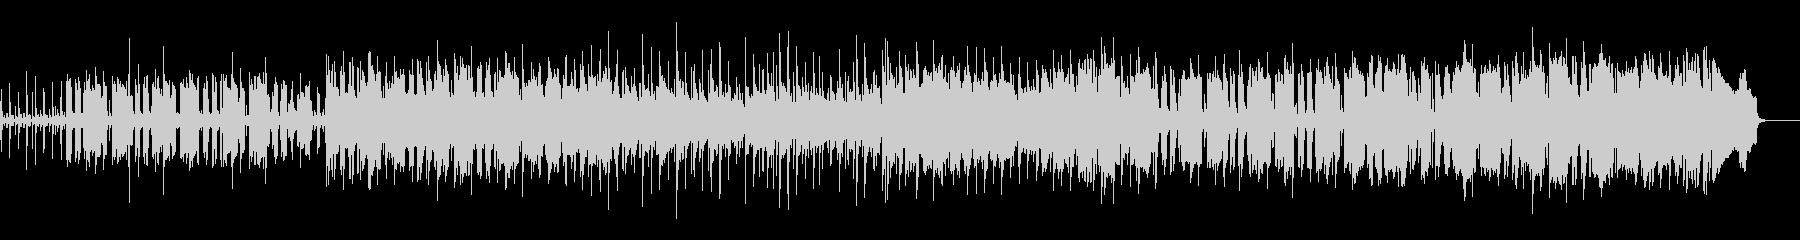 カントリー/ケルト風日常可愛い曲の未再生の波形